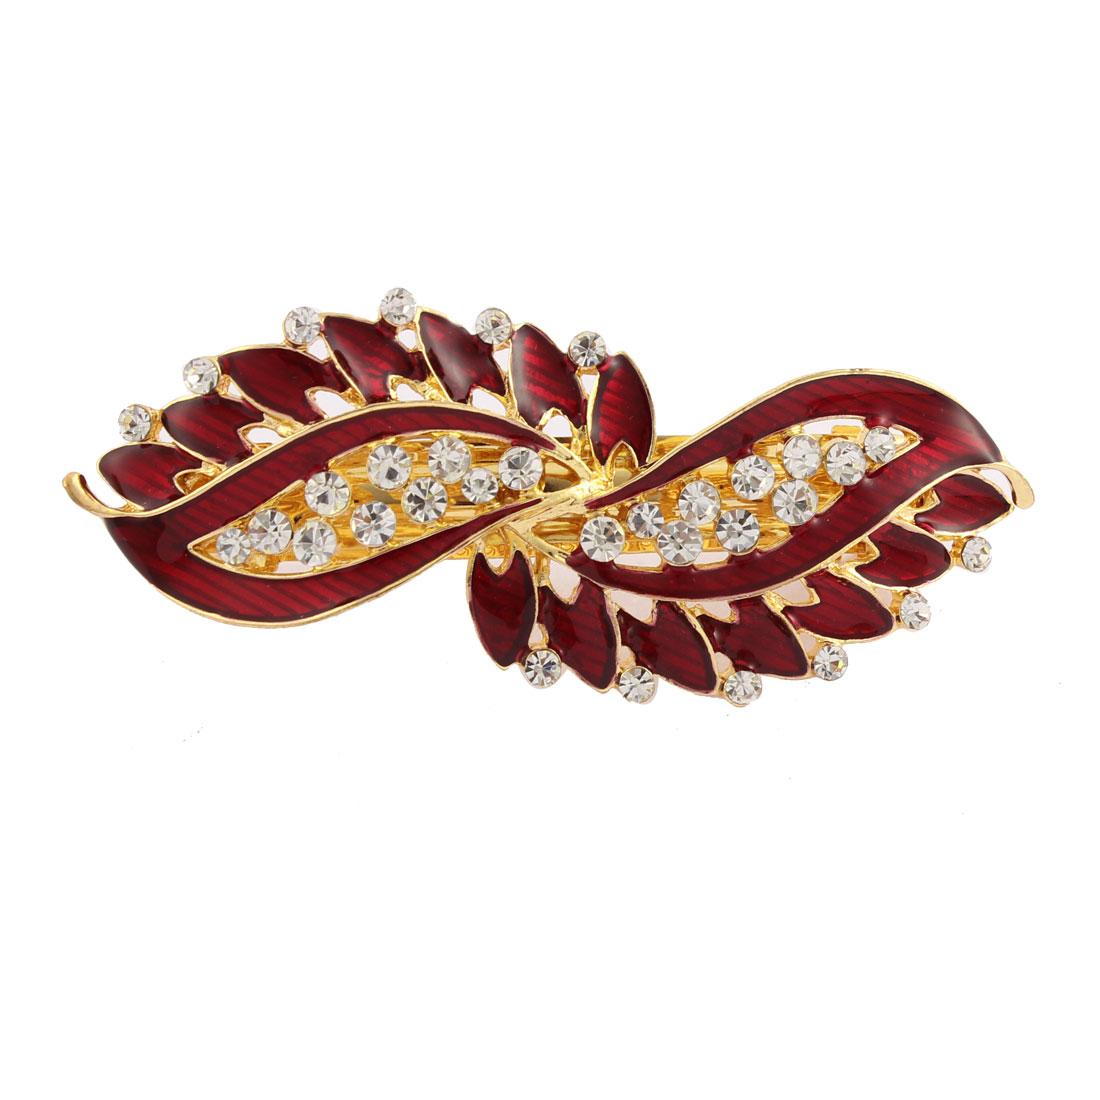 Lady Rhinestone Inlaid Leaf Style Spring Loaded Hair Barrette Clip